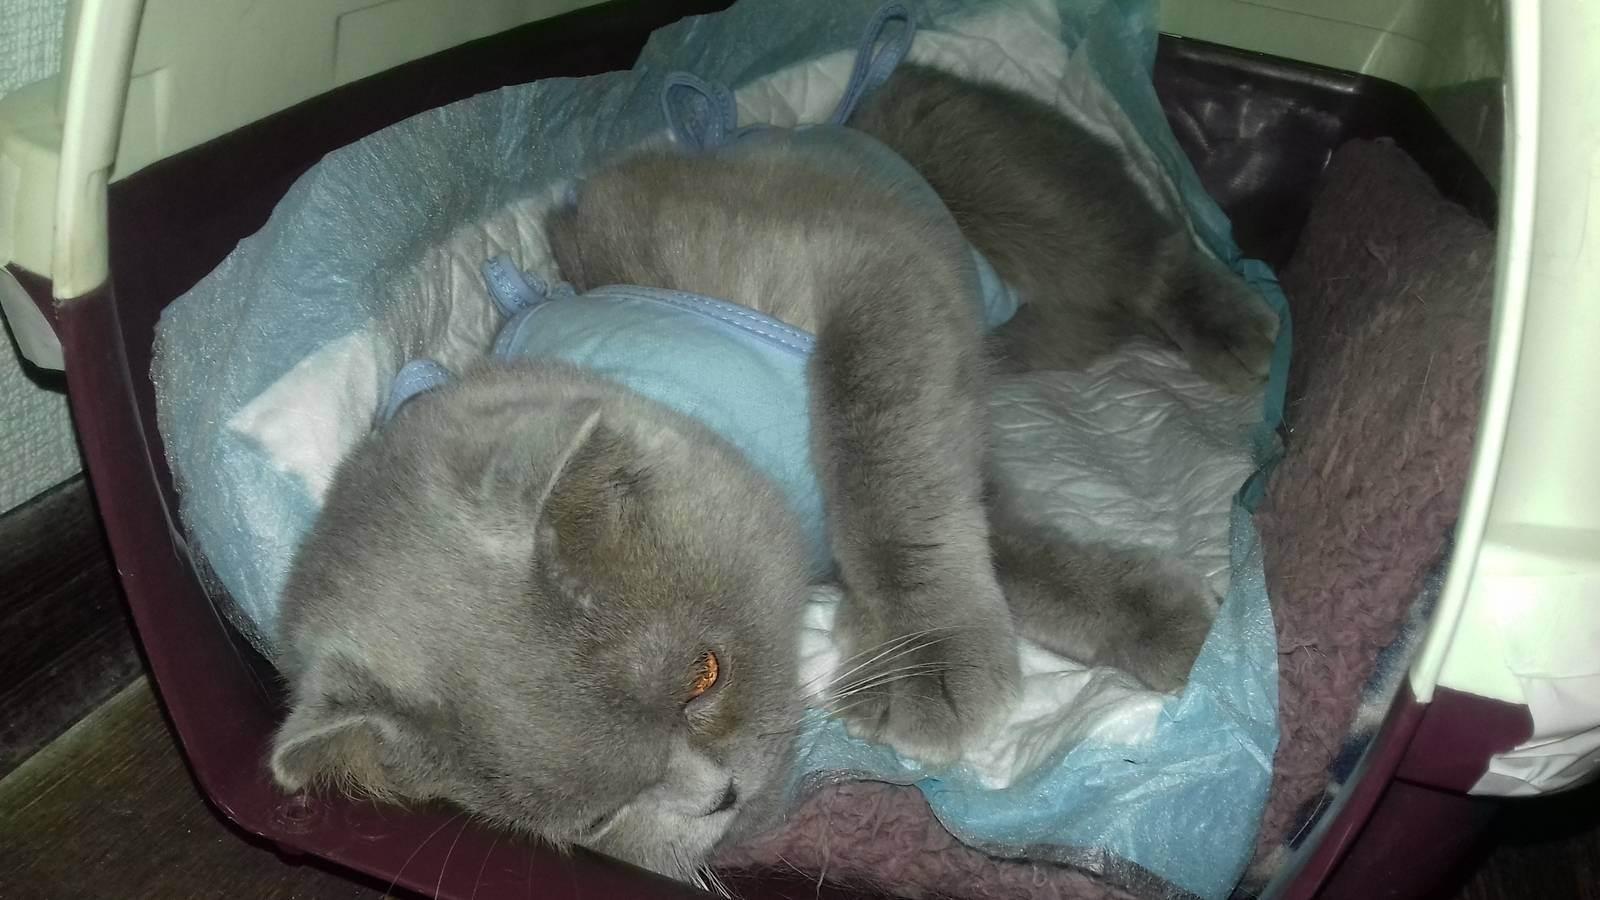 Кастрация и стерилизация вислоухих шотландцев: в каком возрасте кастрируют шотландских котов и стерилизуют кошек? риски